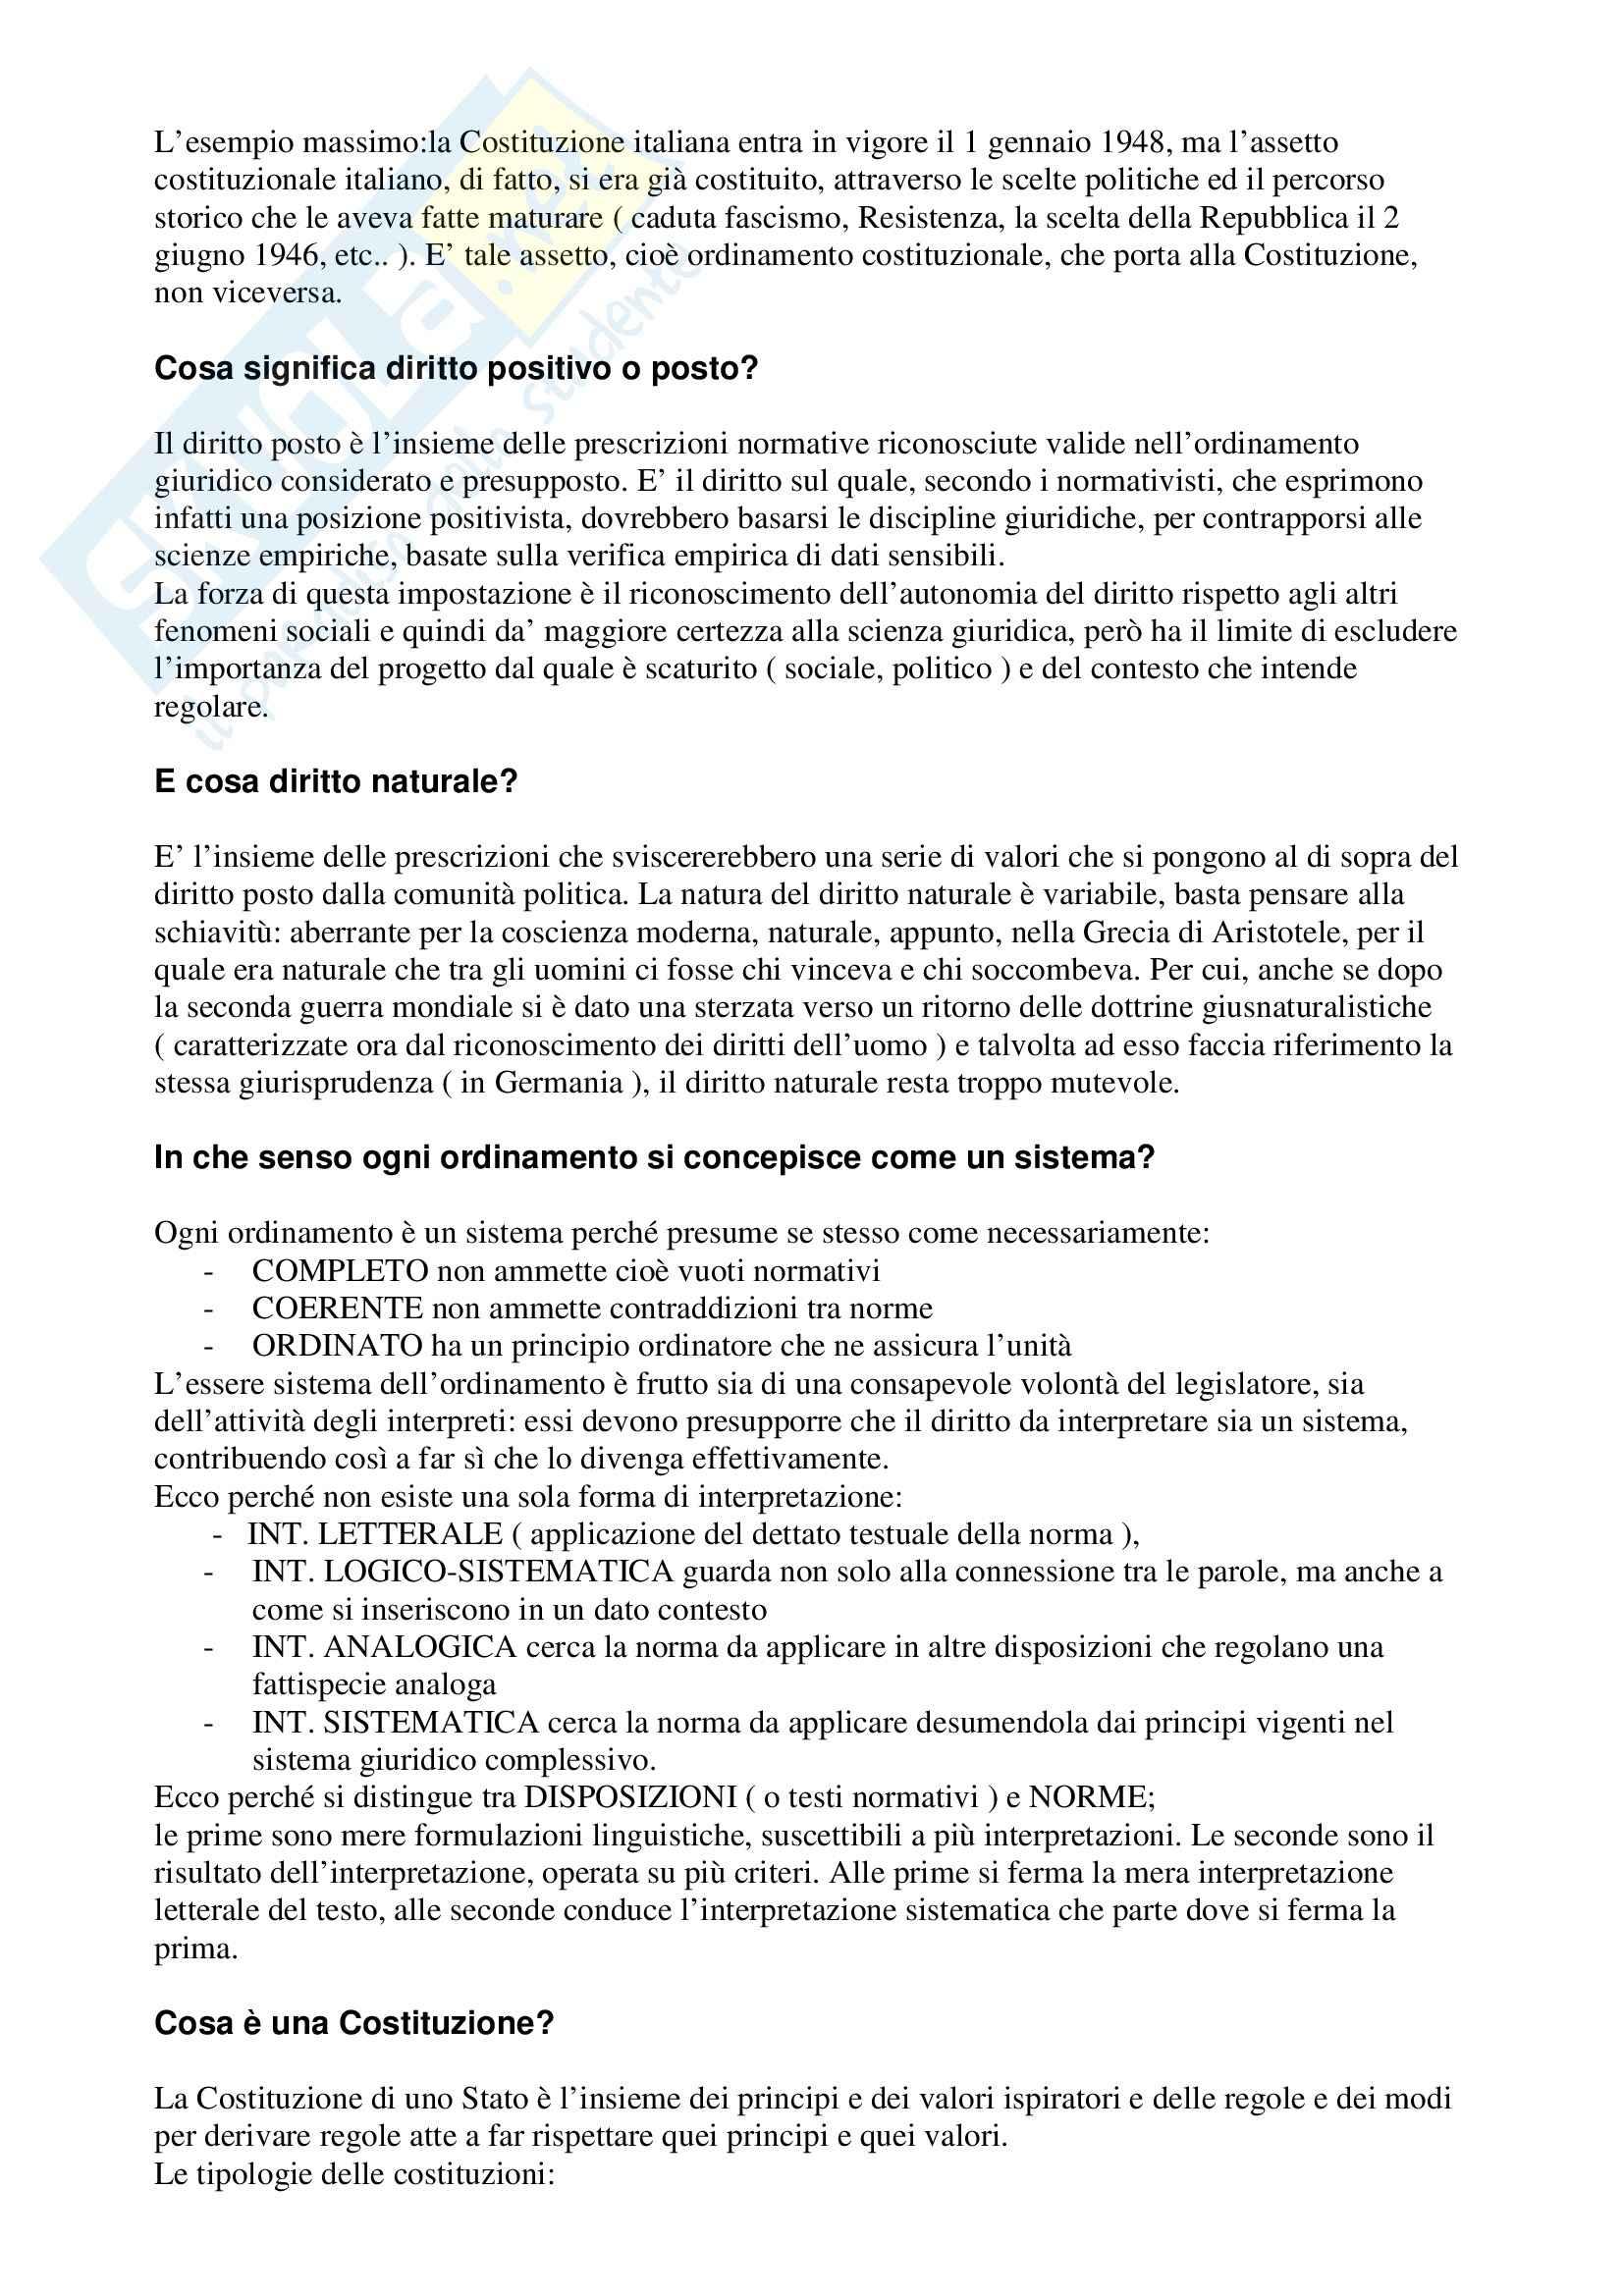 Risposte alle domande del manuale Barbera, Fusaro Pag. 2